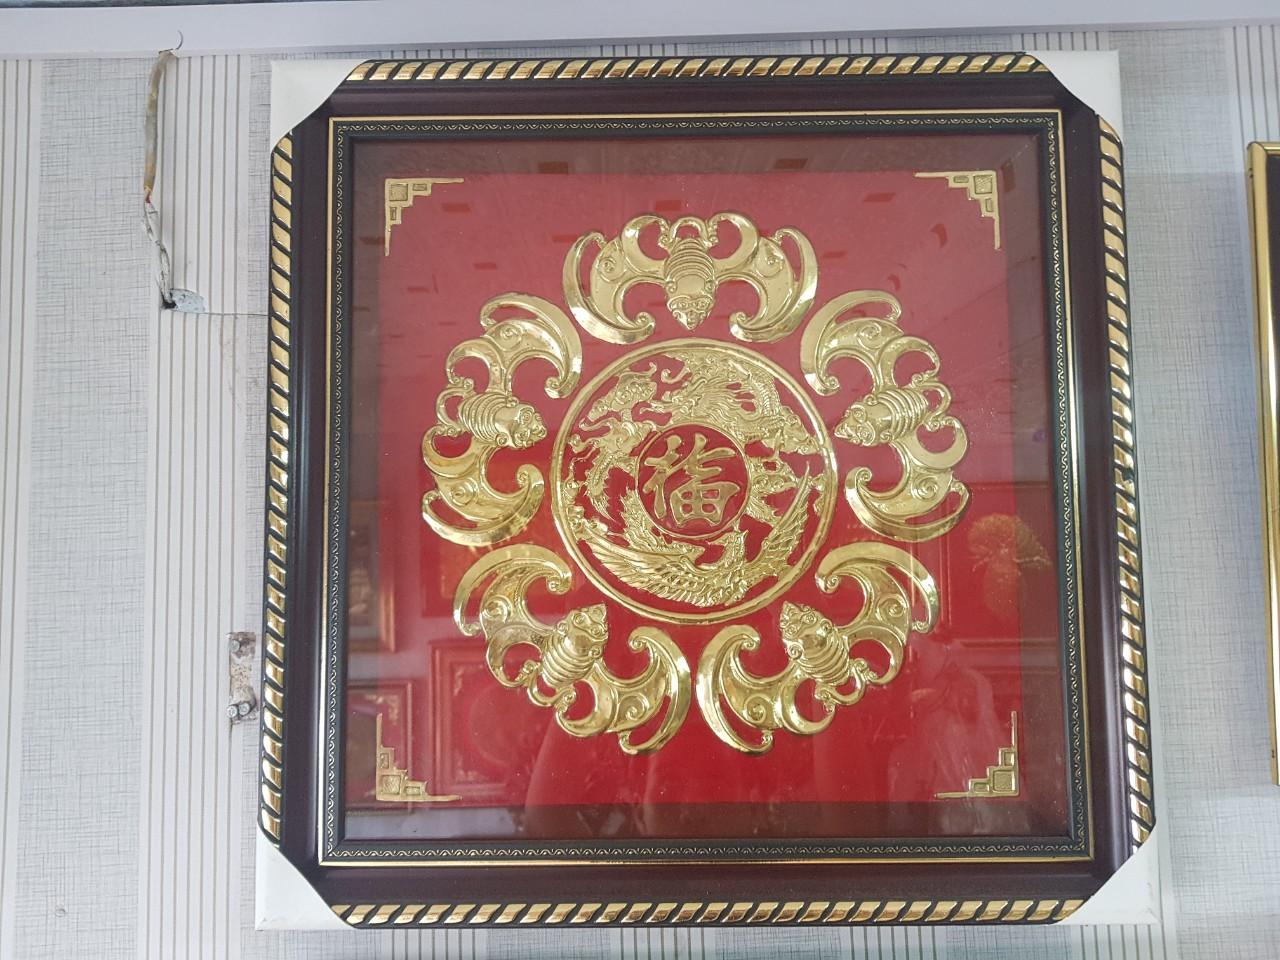 Tranh dơi phúc nền đỏ bằng đồng 40x40cm0